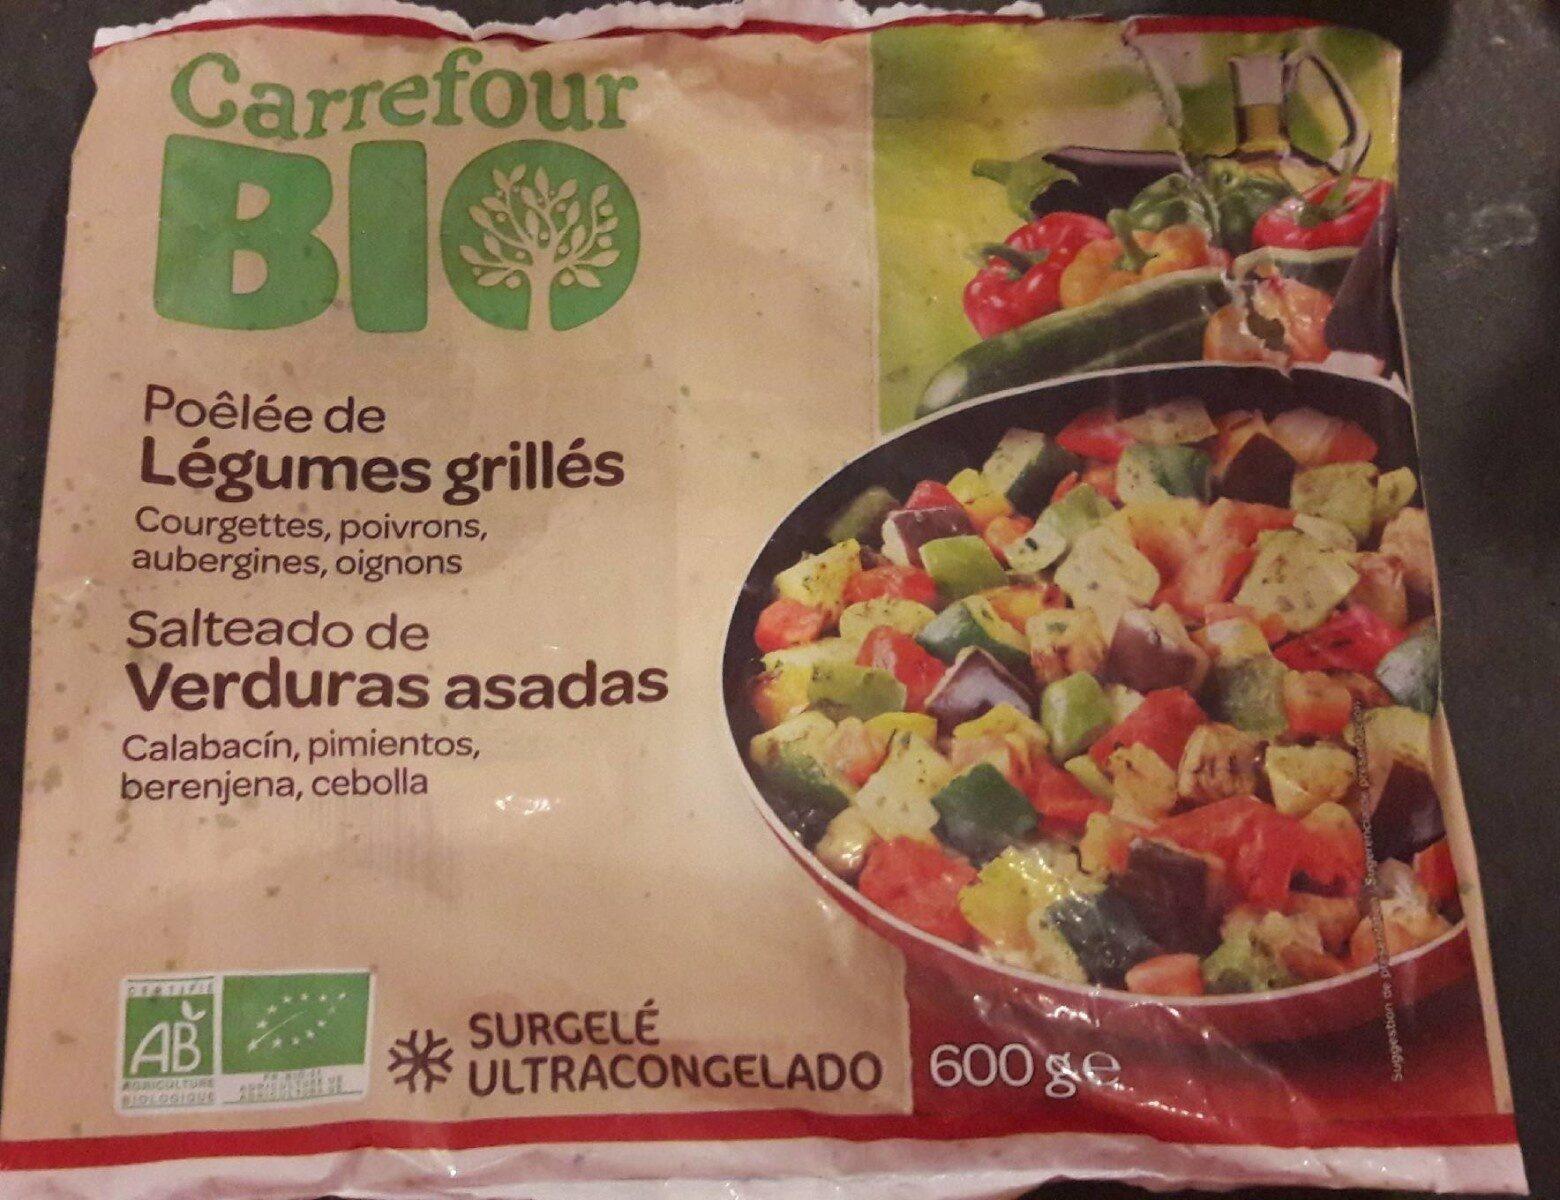 Poêlée de légumes grillés - Producto - fr